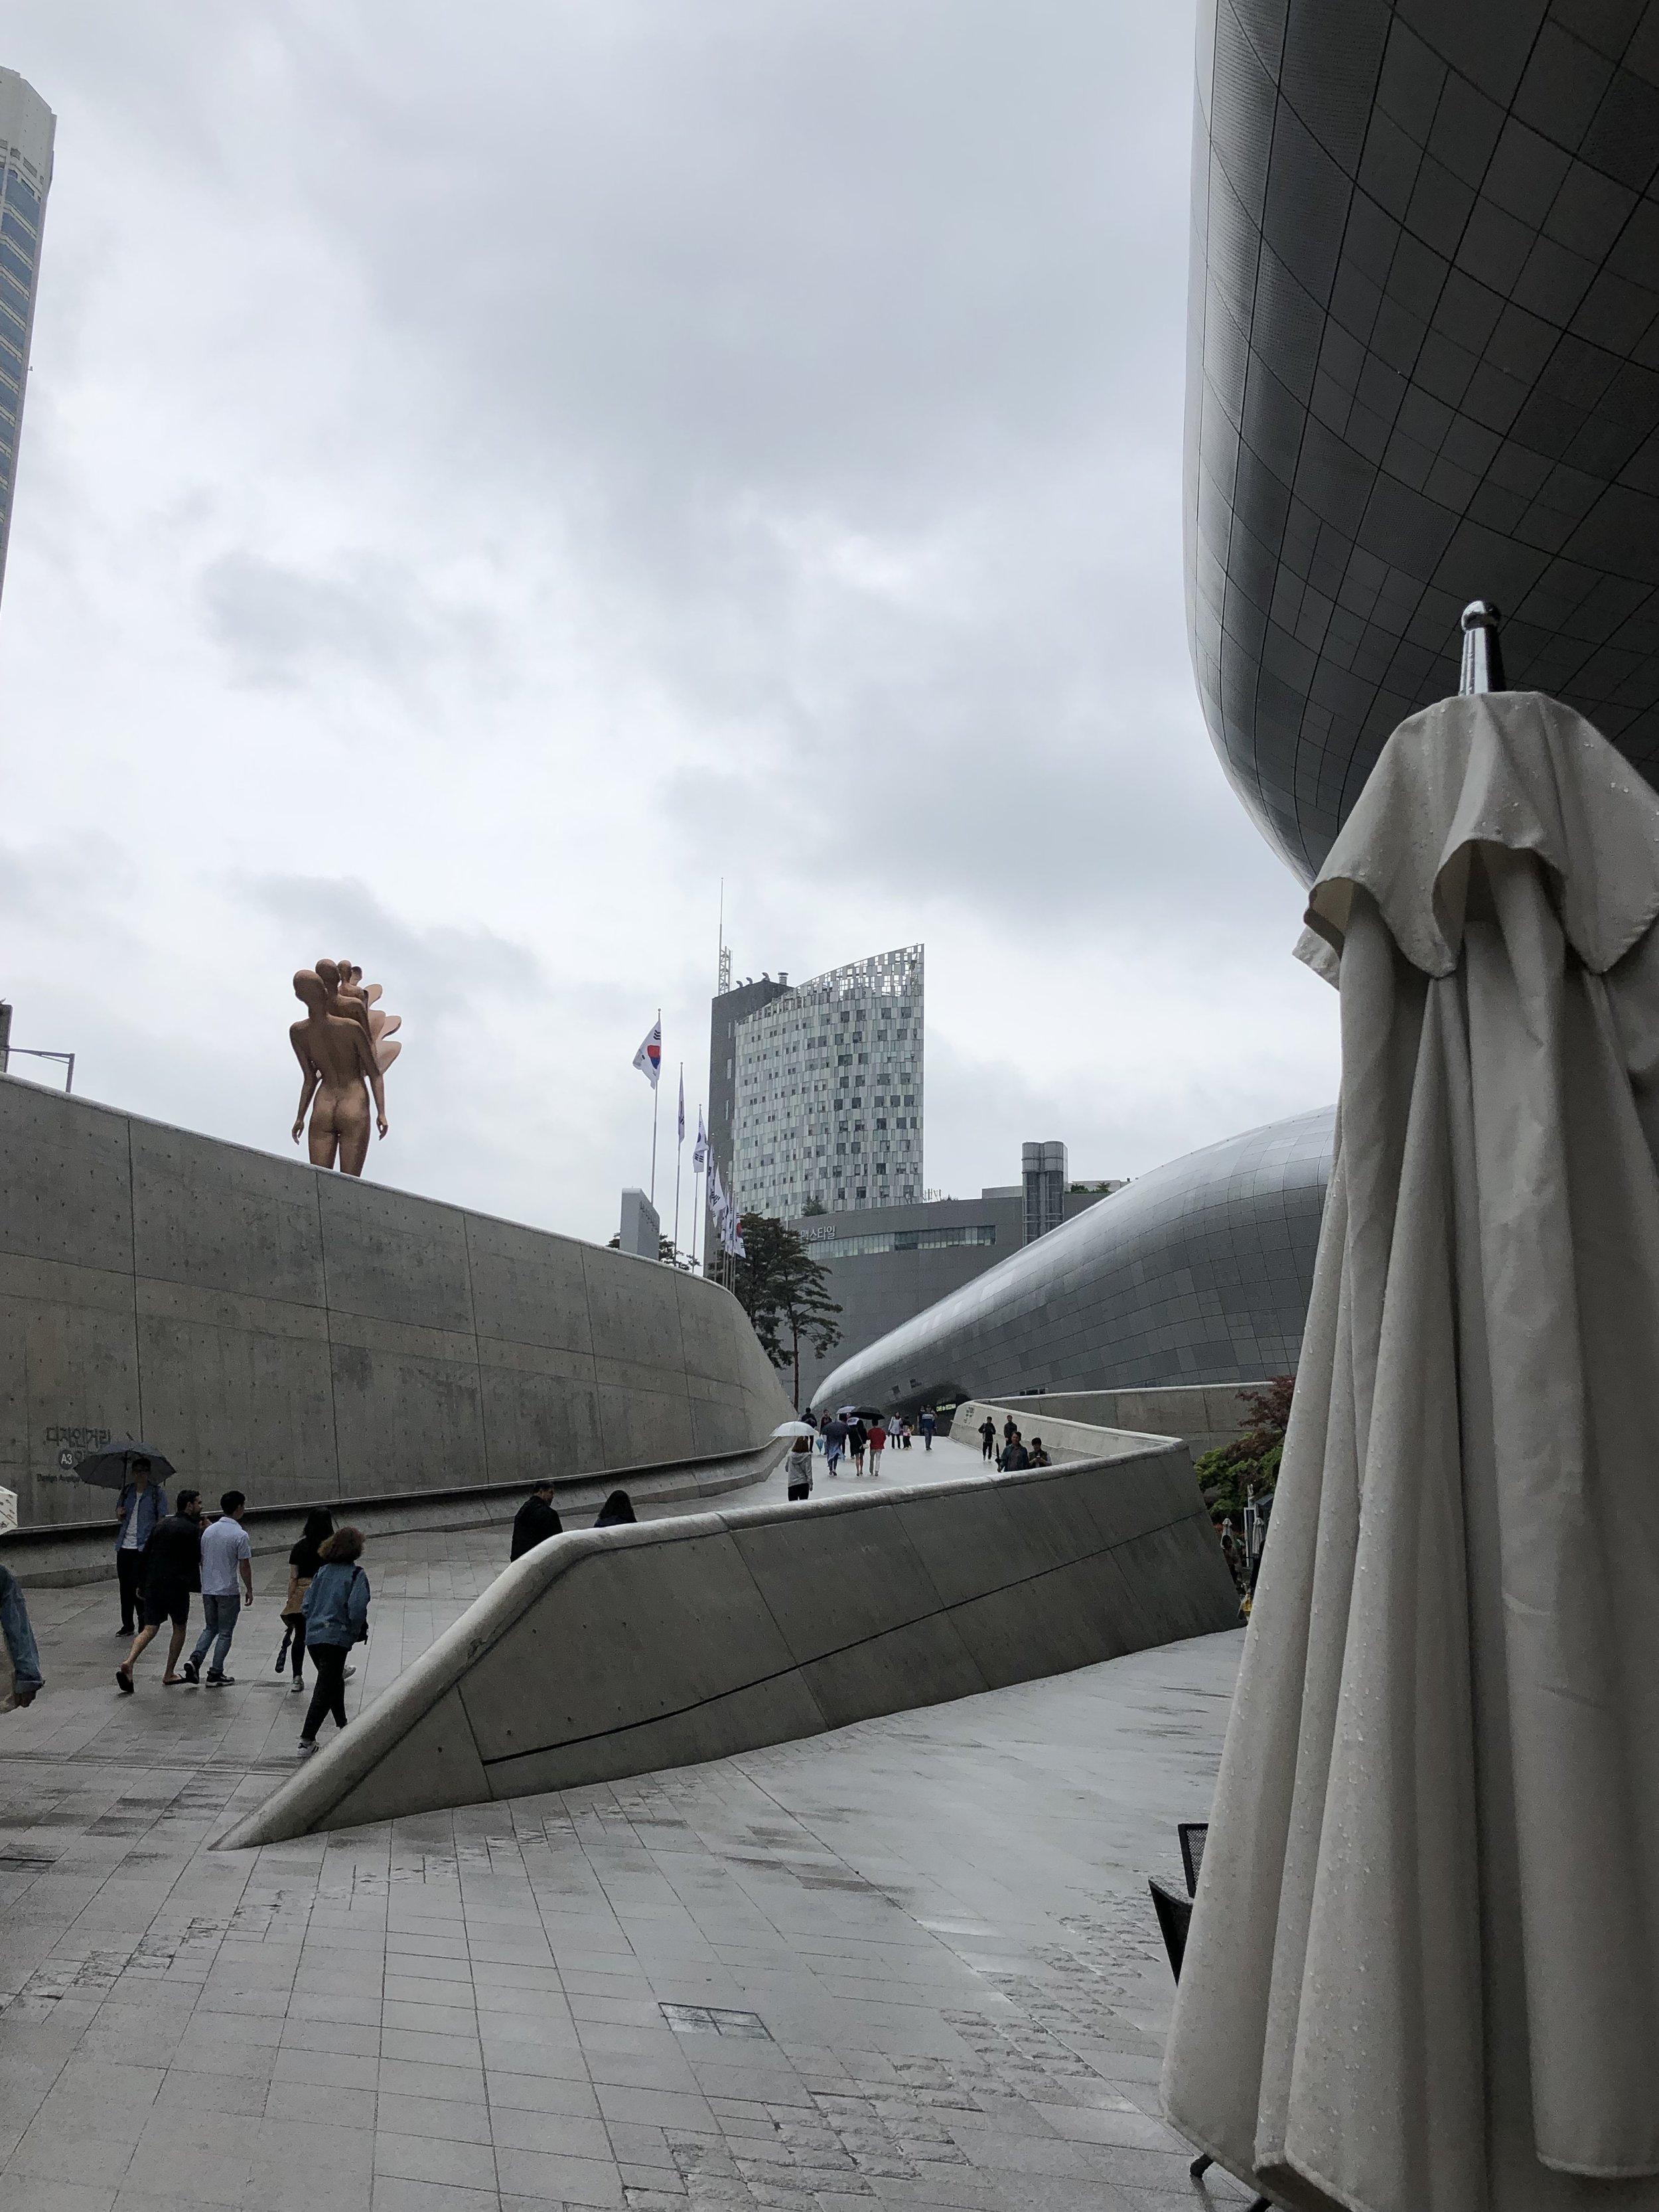 Zaha Hadid's last act (DDP in Seoul)